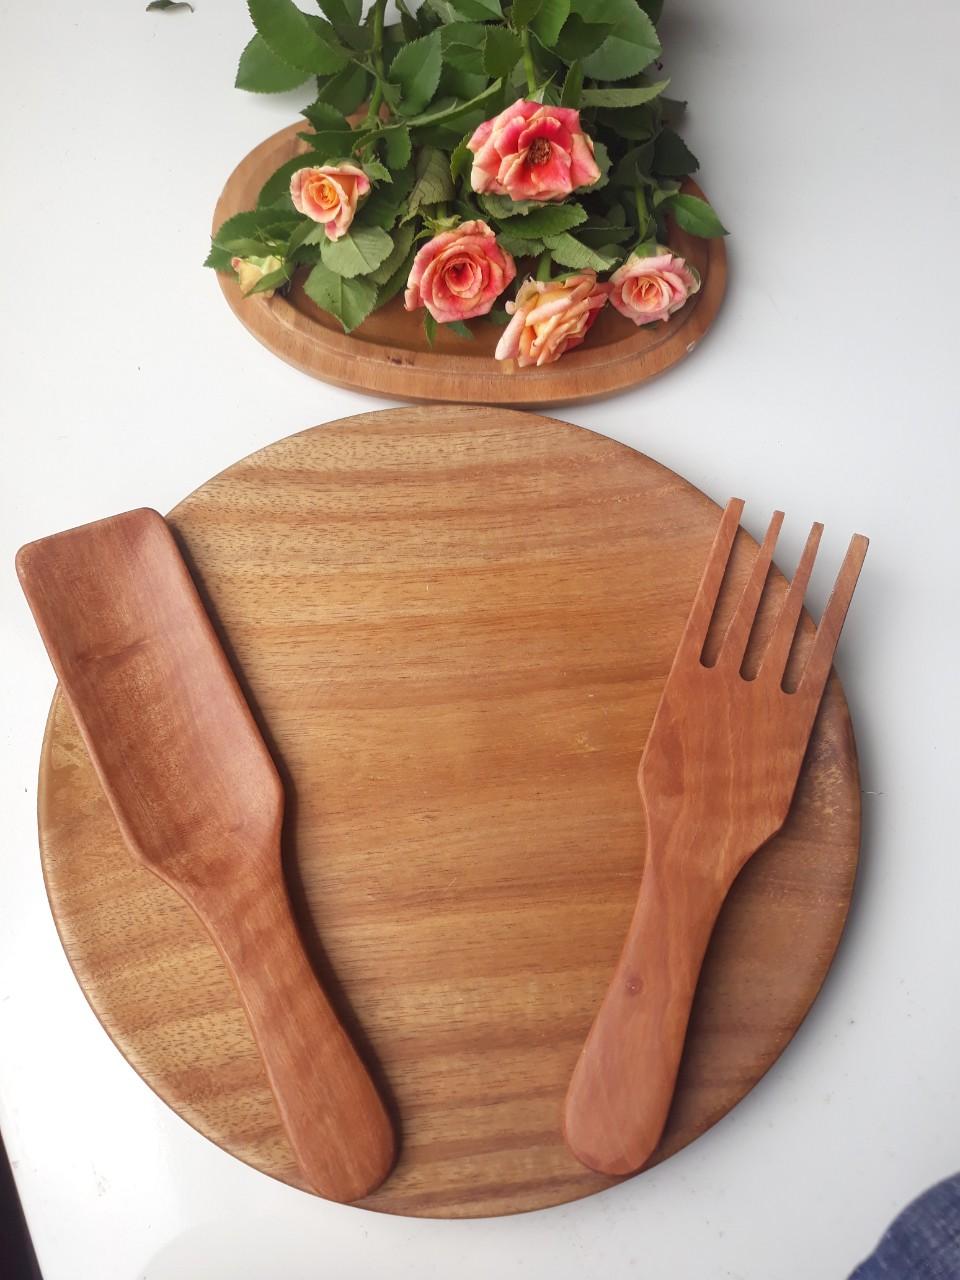 Bộ thìa salad gỗ nhãn siêu đẹp 2 chiếc (thìa + nĩa) 20 x 5 cm (SLN-01)